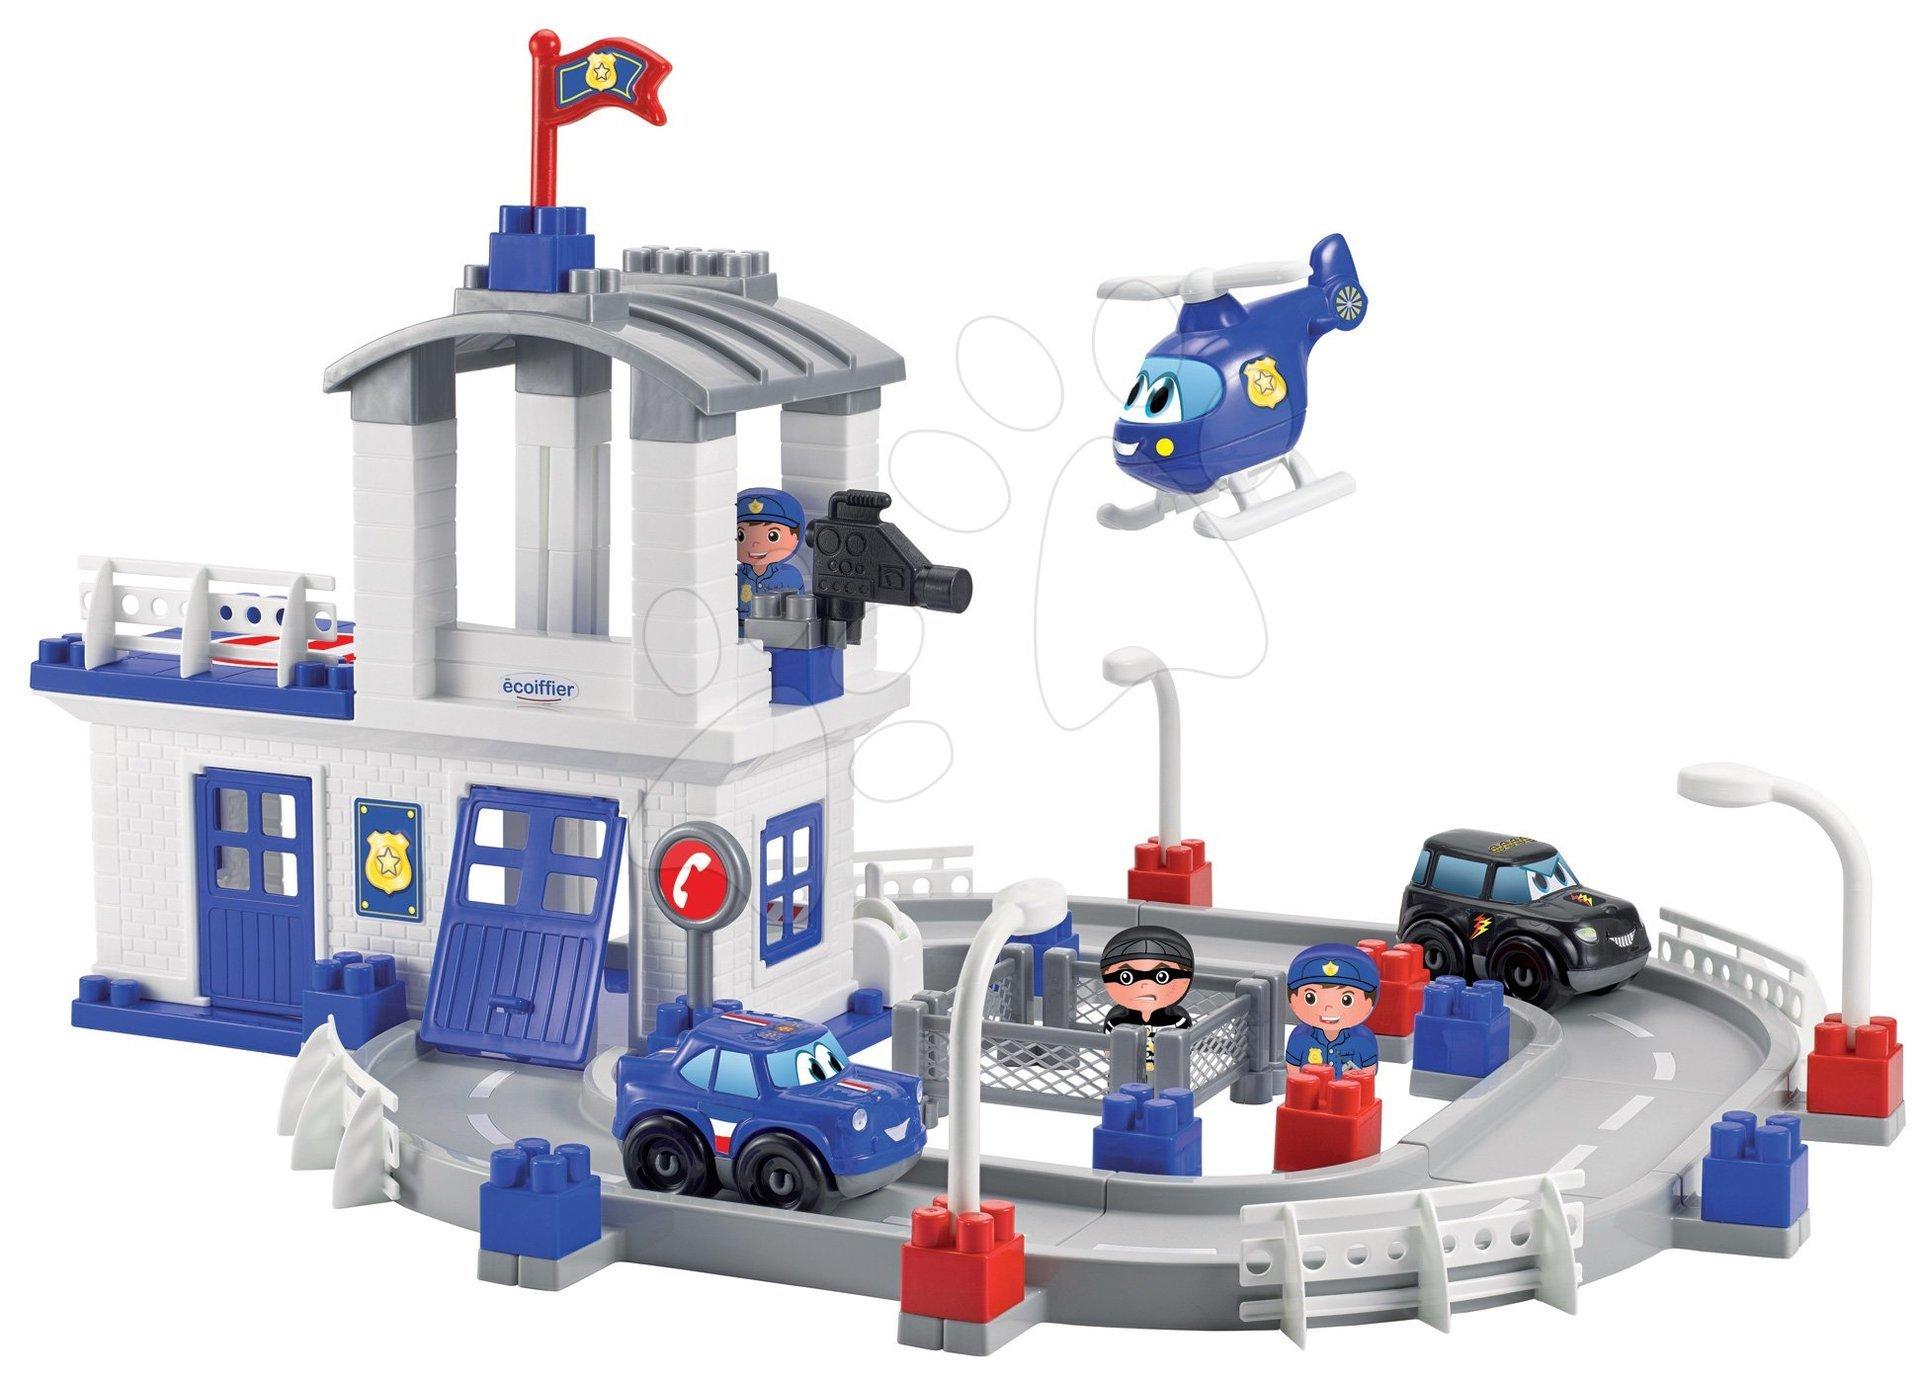 Abrick építőkockák - Építőjáték rendőrség útpályával Abrick Écoiffier 2 autóval és 3 figurával 18 hó-tól